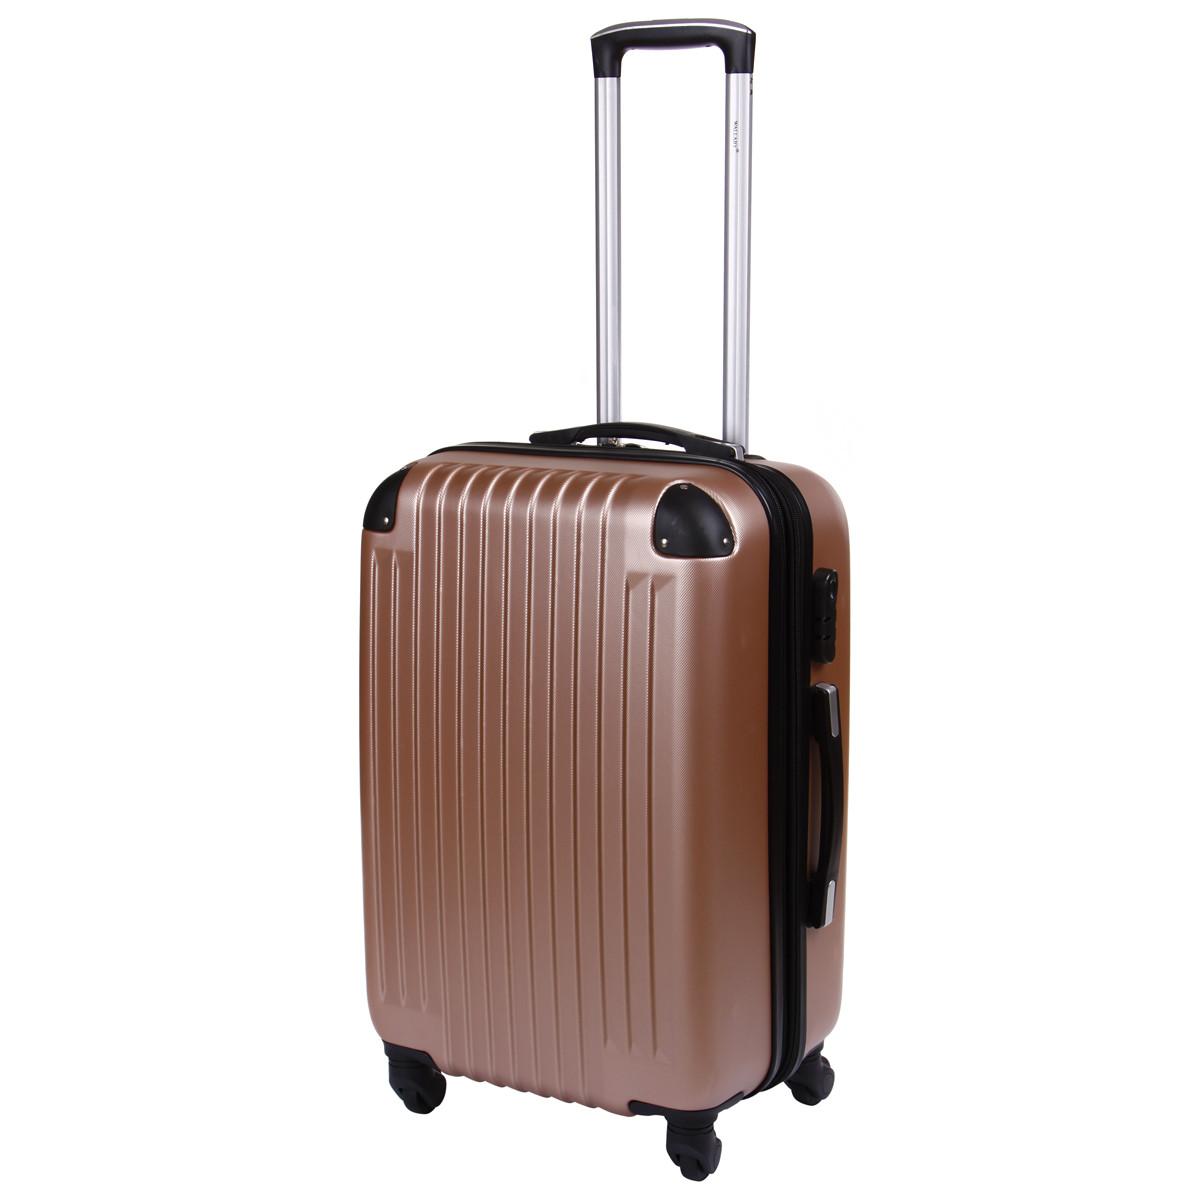 Валіза Wallaby середній пластиковий ABS 57(+6)х39х27(+3) сріблясто-рожевий в 6265-22роз